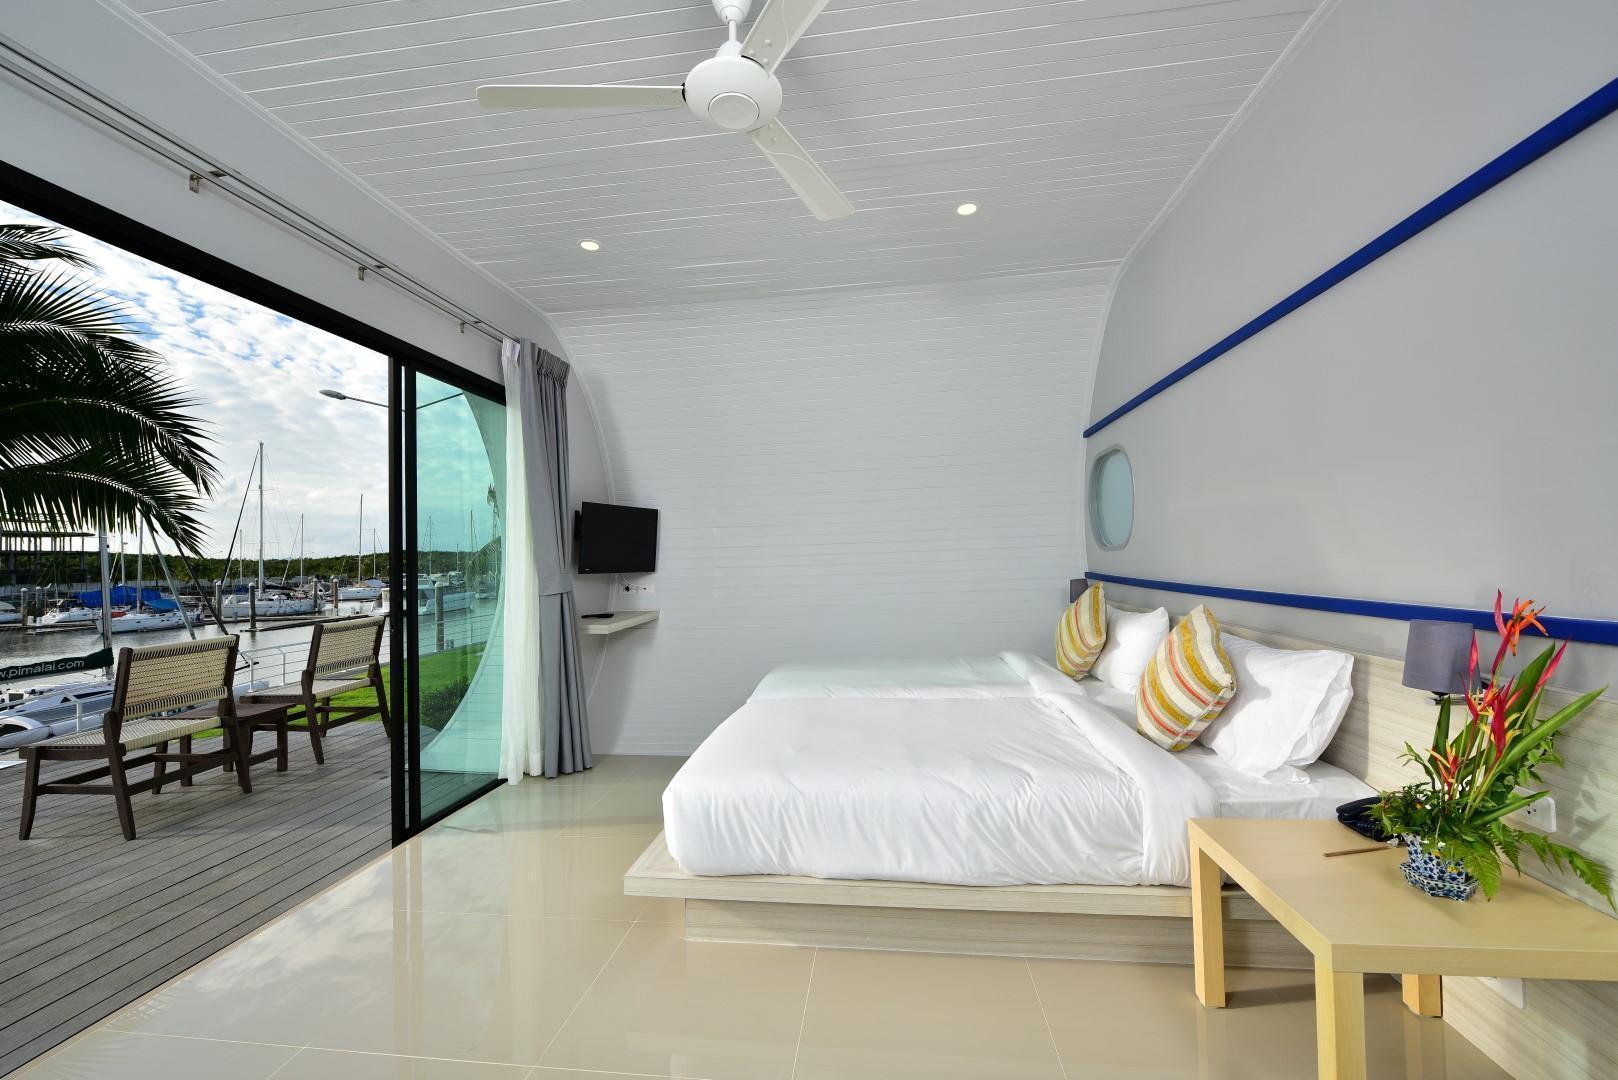 Krabi Boat Lagoon Resort กระบี่ โบ๊ต ลากูน รีสอร์ต